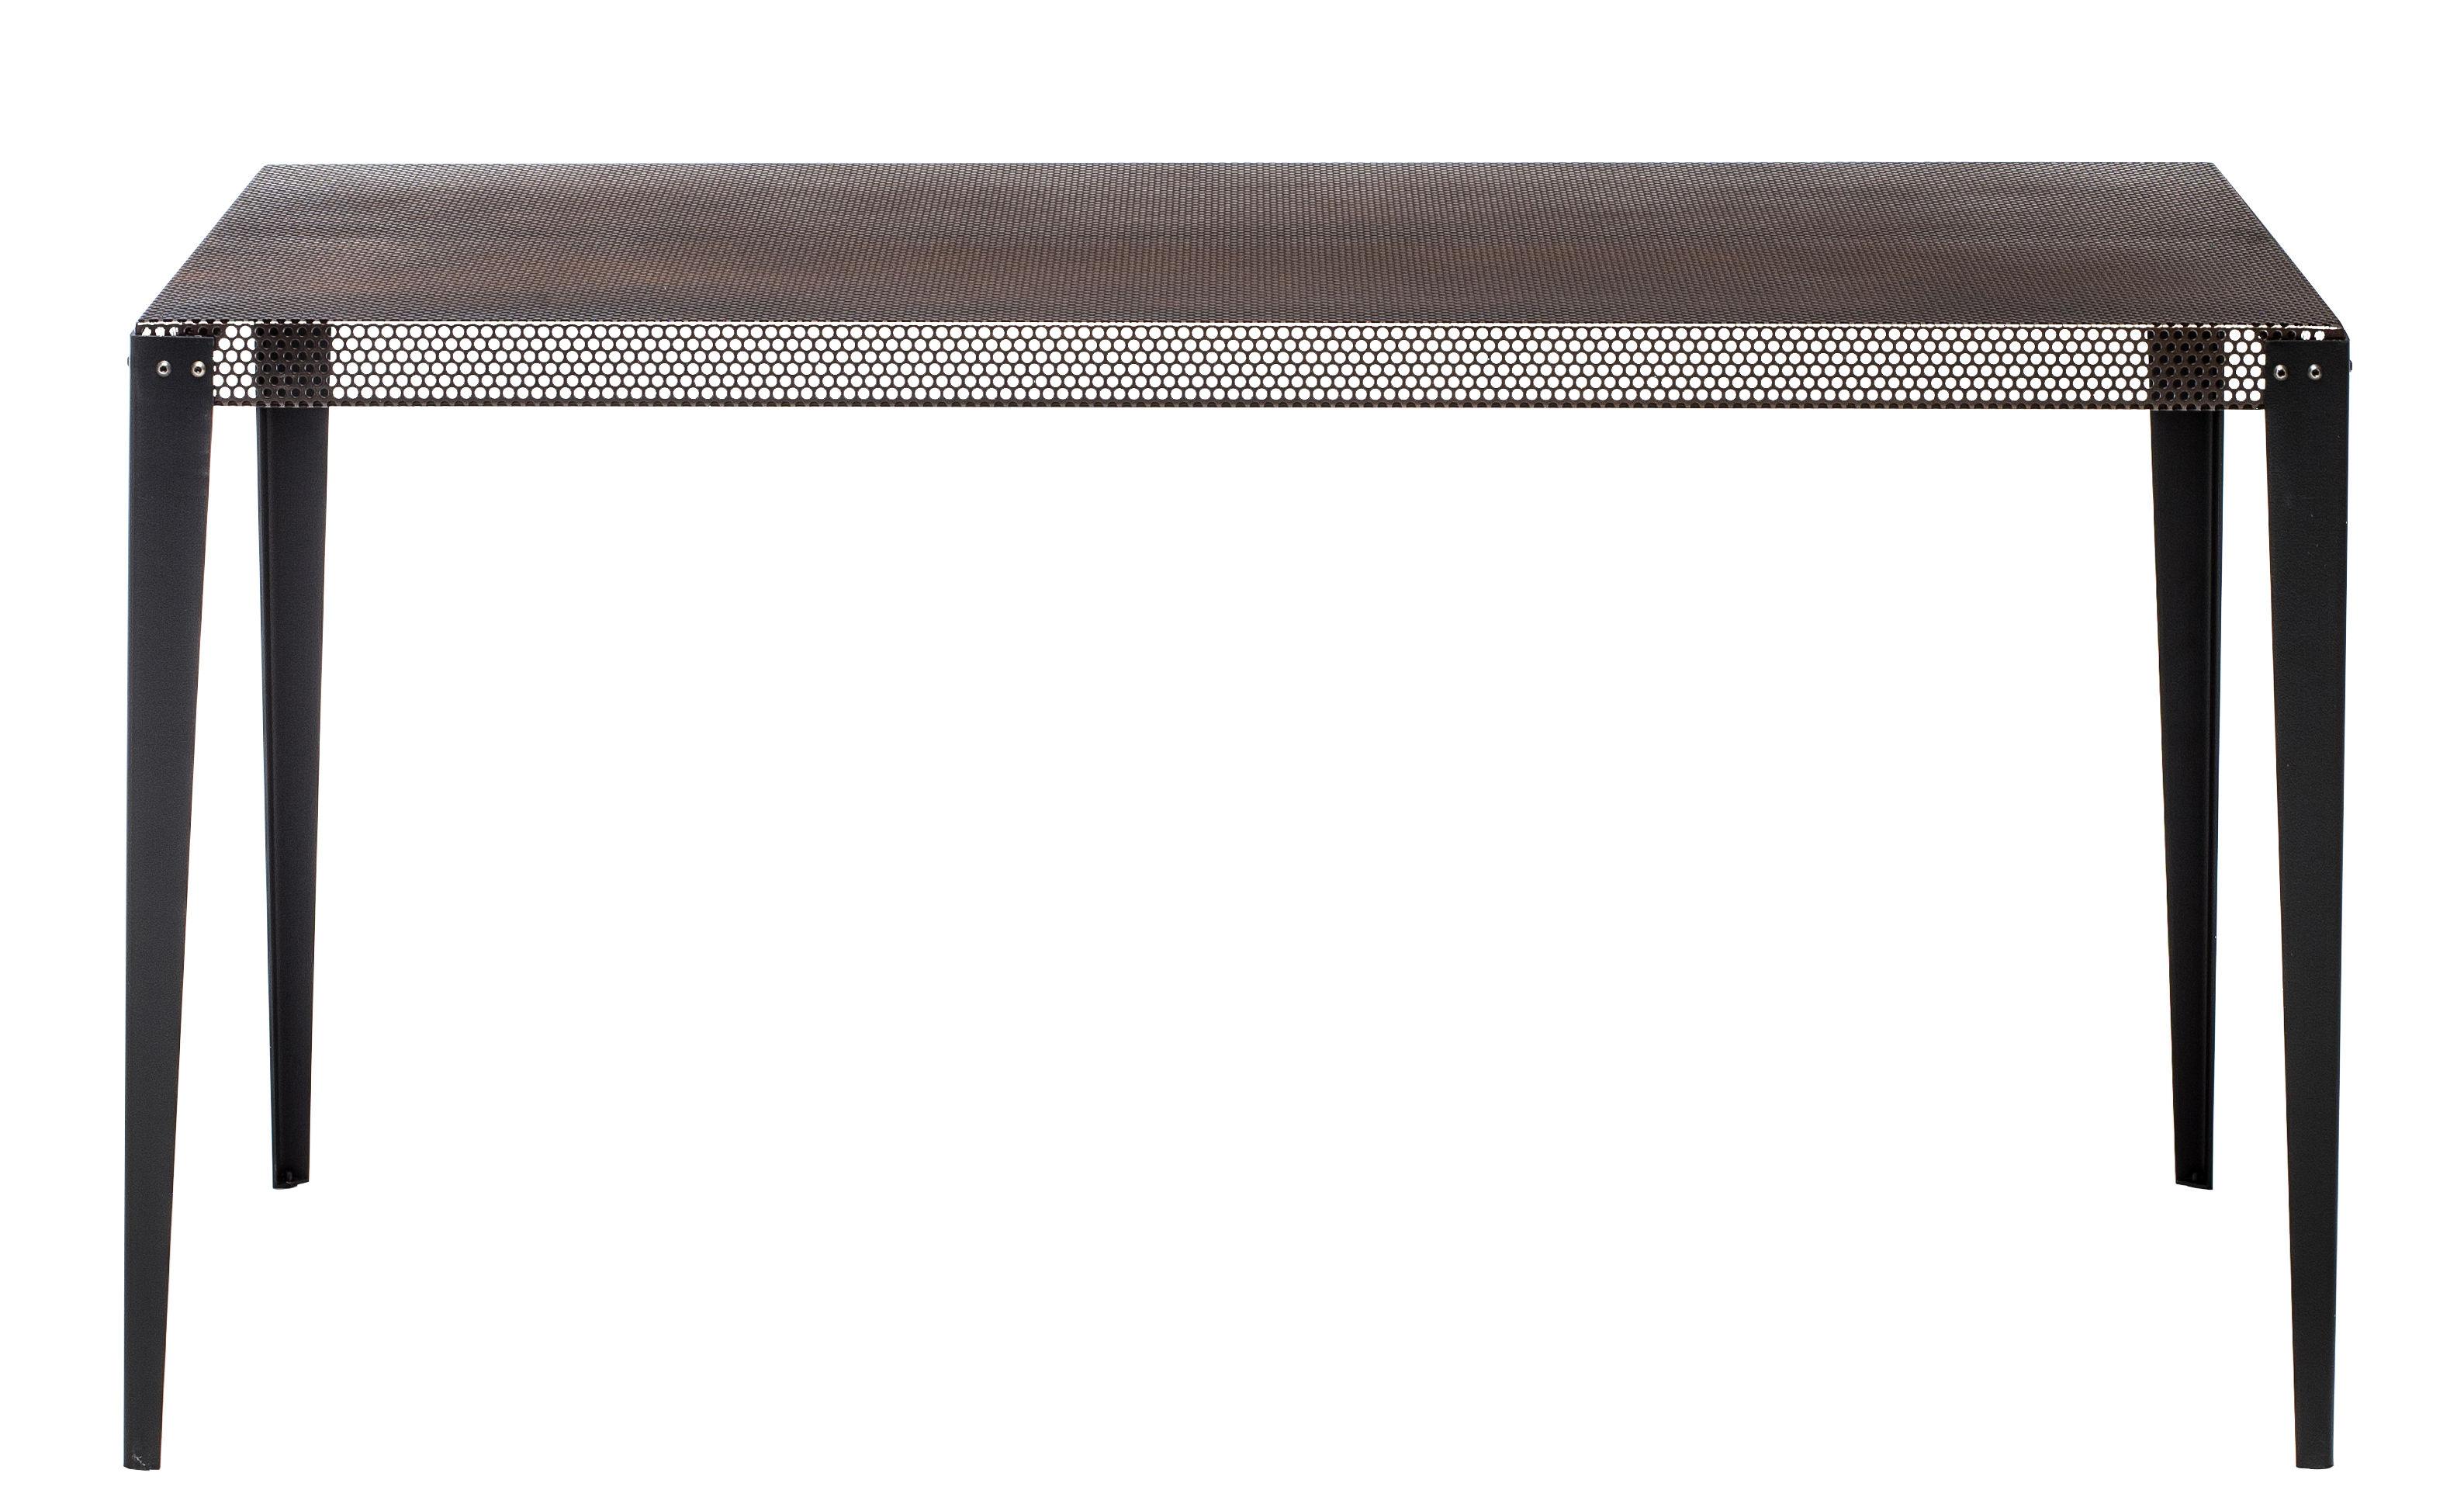 Arredamento - Tavoli - Tavolo rettangolare Nizza - / 140 x 90 cm di Diesel with Moroso - Rame / Piedi neri - Acciaio verniciato